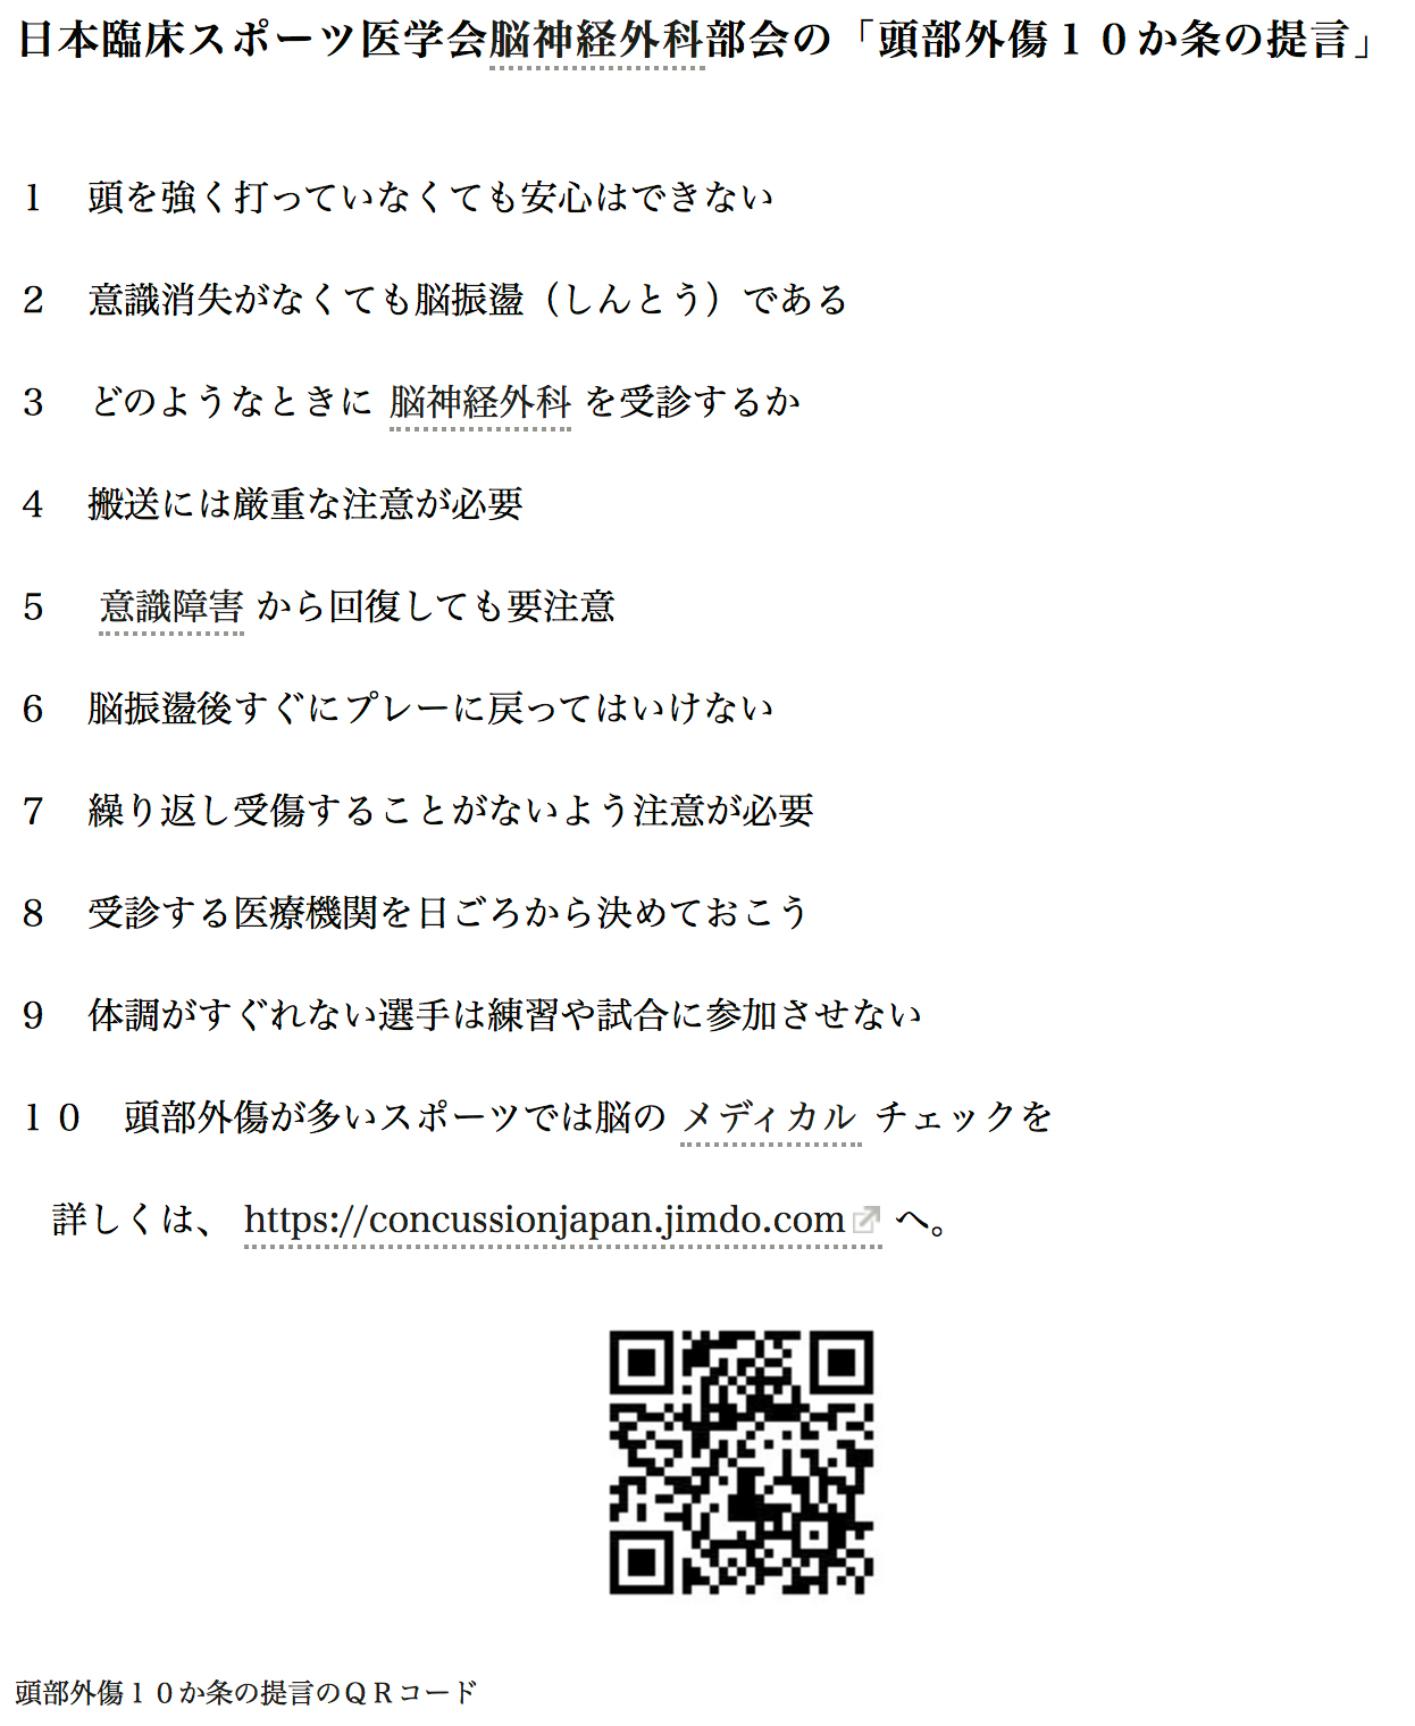 kiji-o005